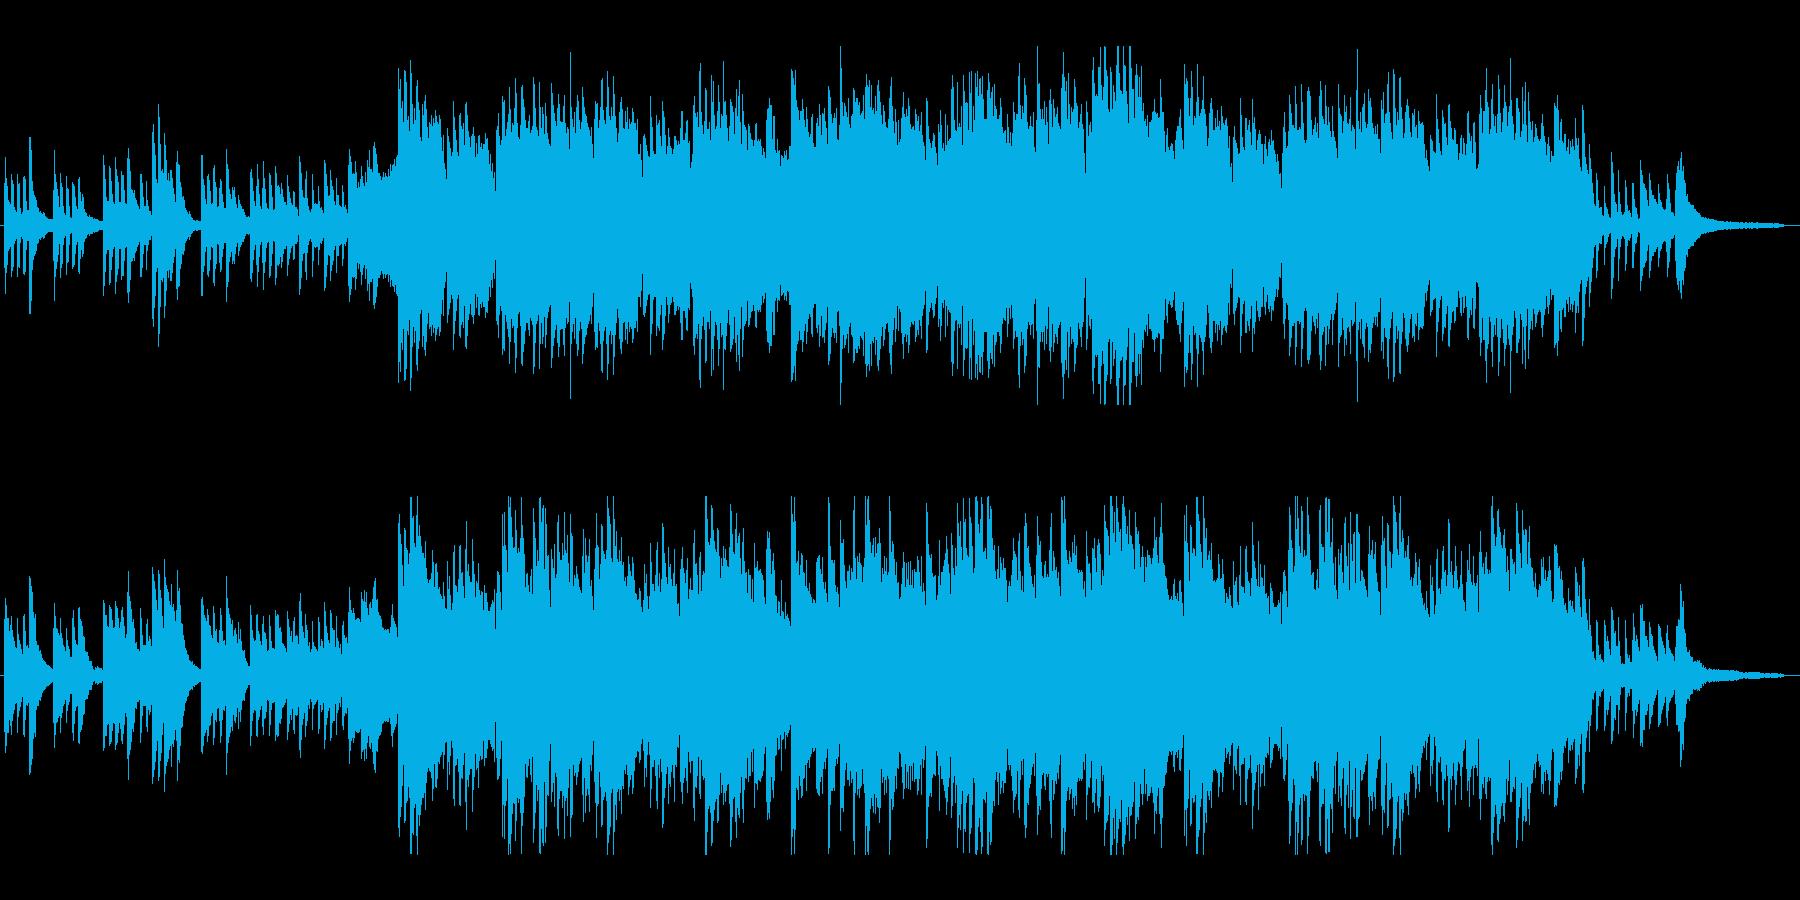 和楽器&ストリングスの美しい和風バラードの再生済みの波形